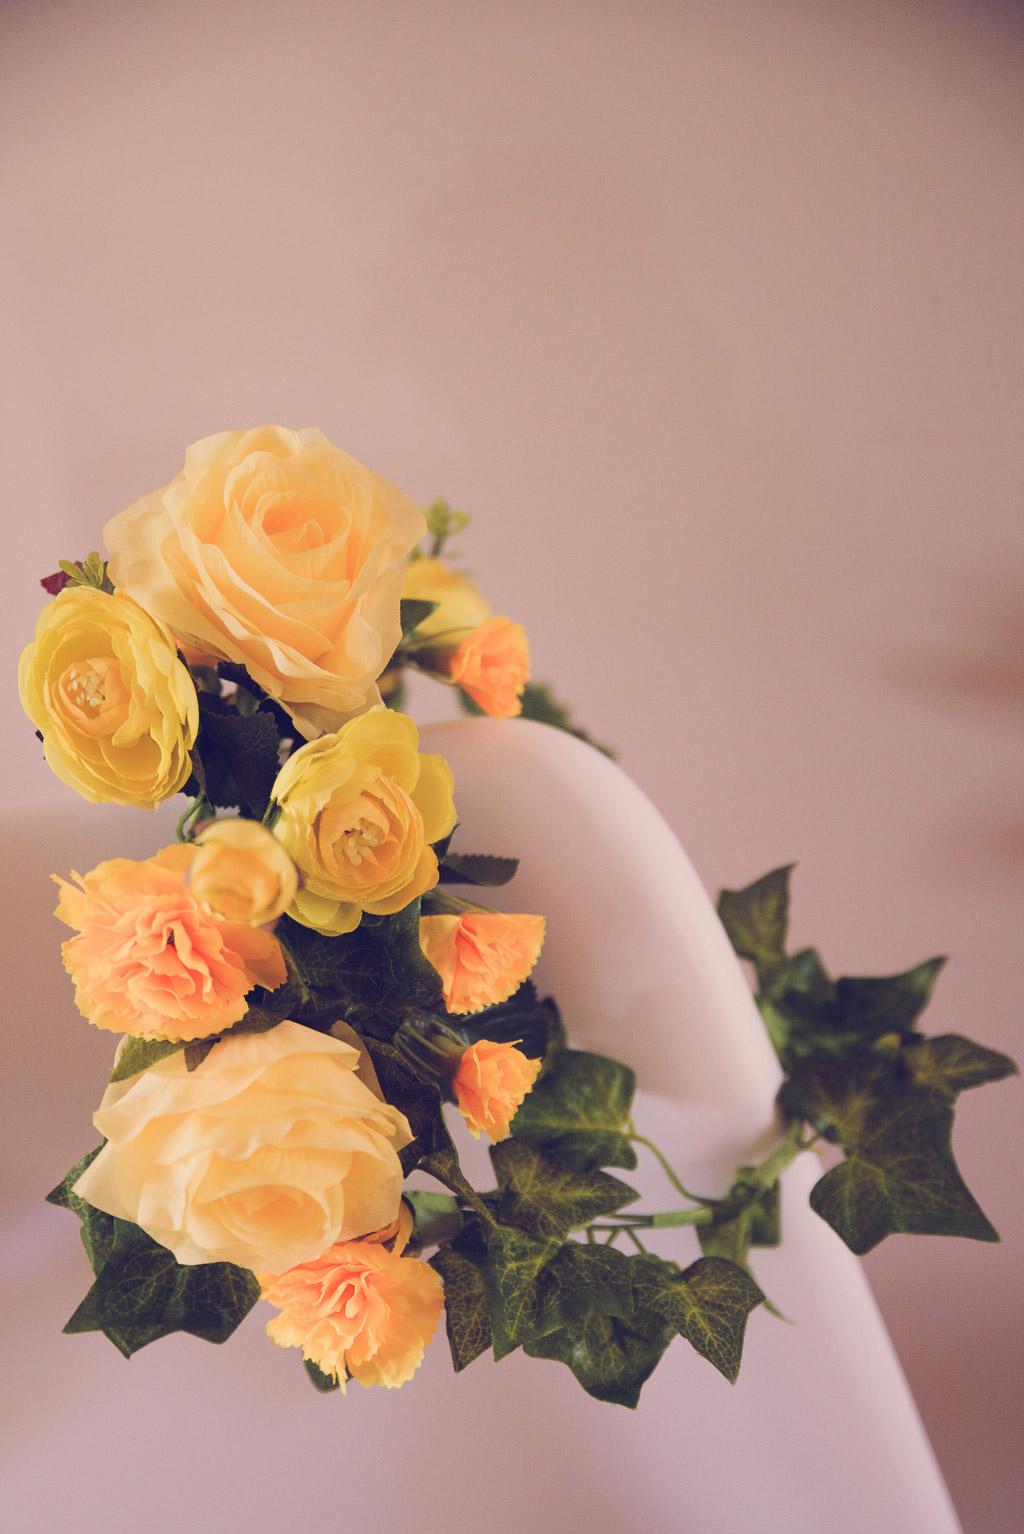 yellowlabflowerwreath (9 of 10).jpg